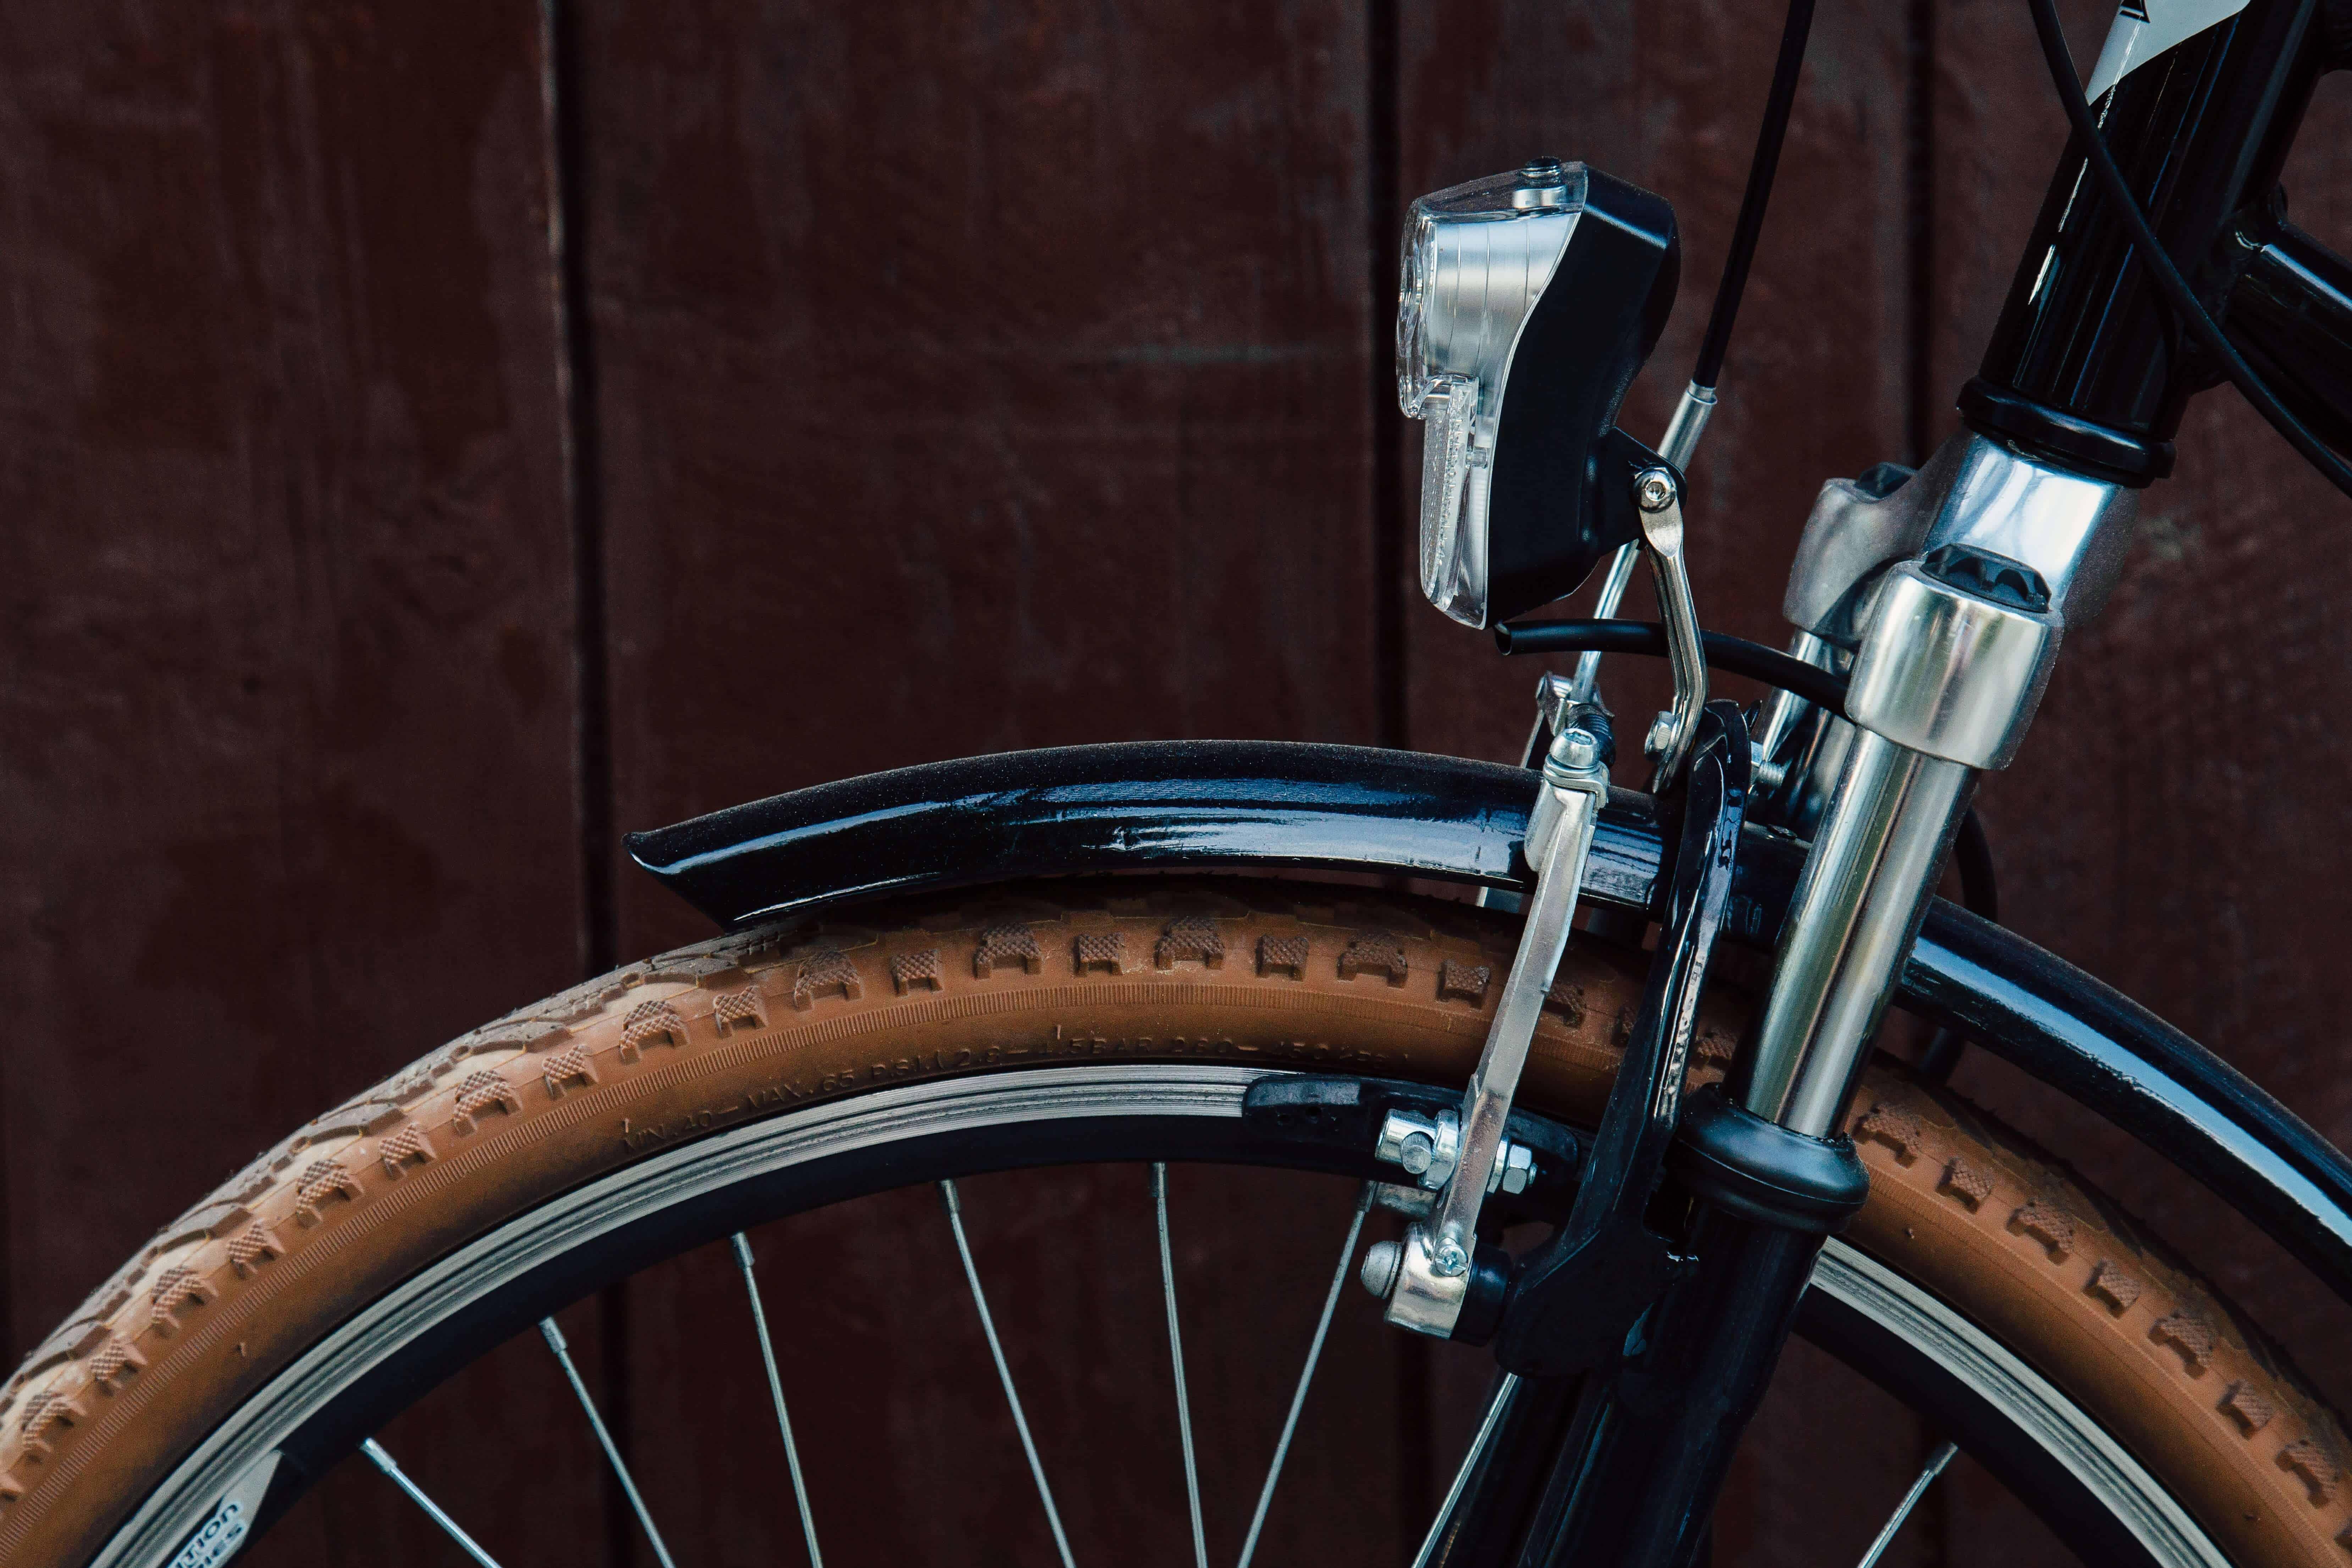 Fahrradlicht am Vorderrad eines Fahrrads